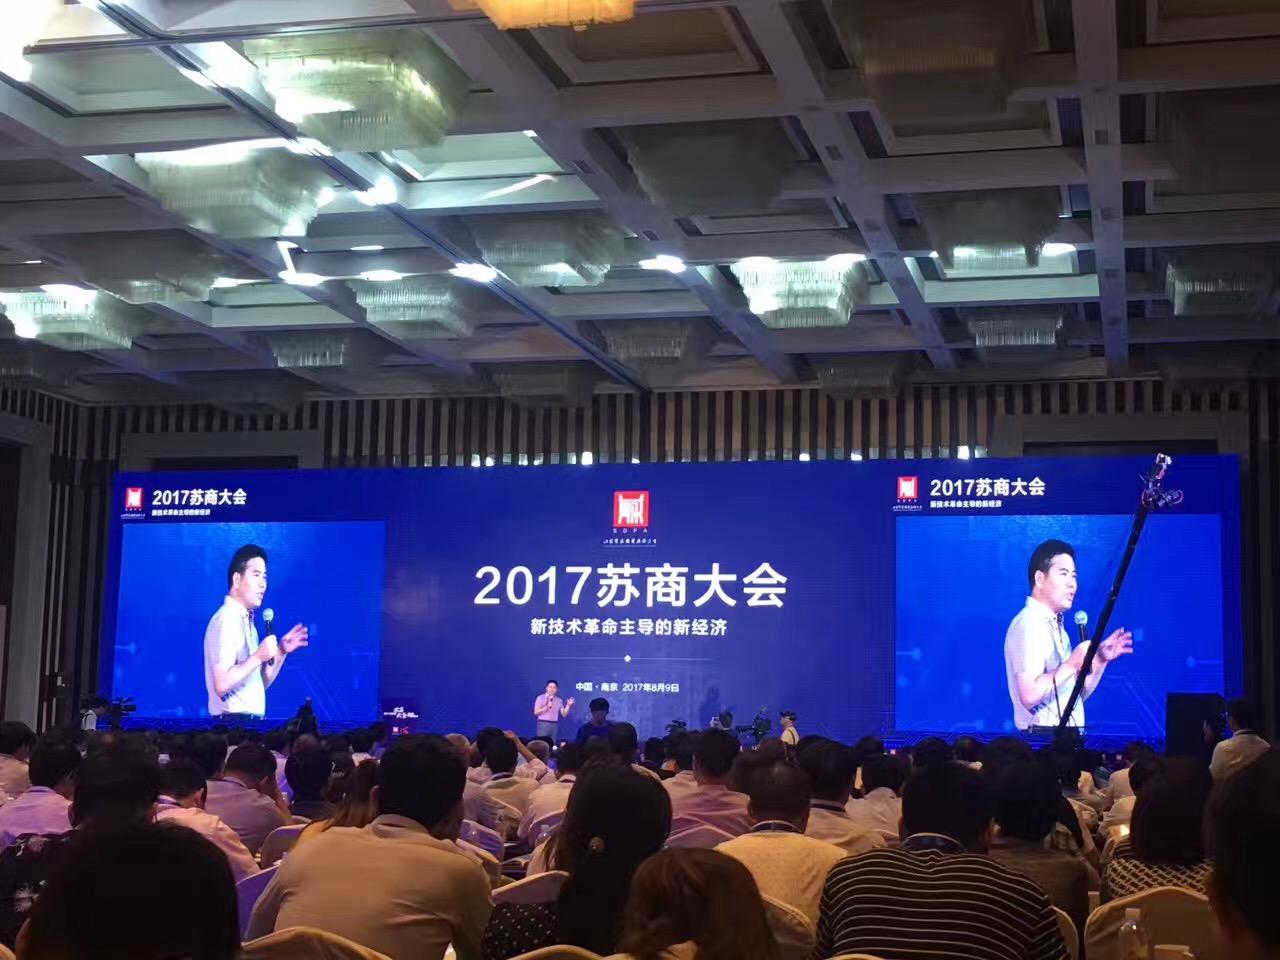 永尚董事长受邀参加2017(第五届)苏商大会暨首届产融家论坛